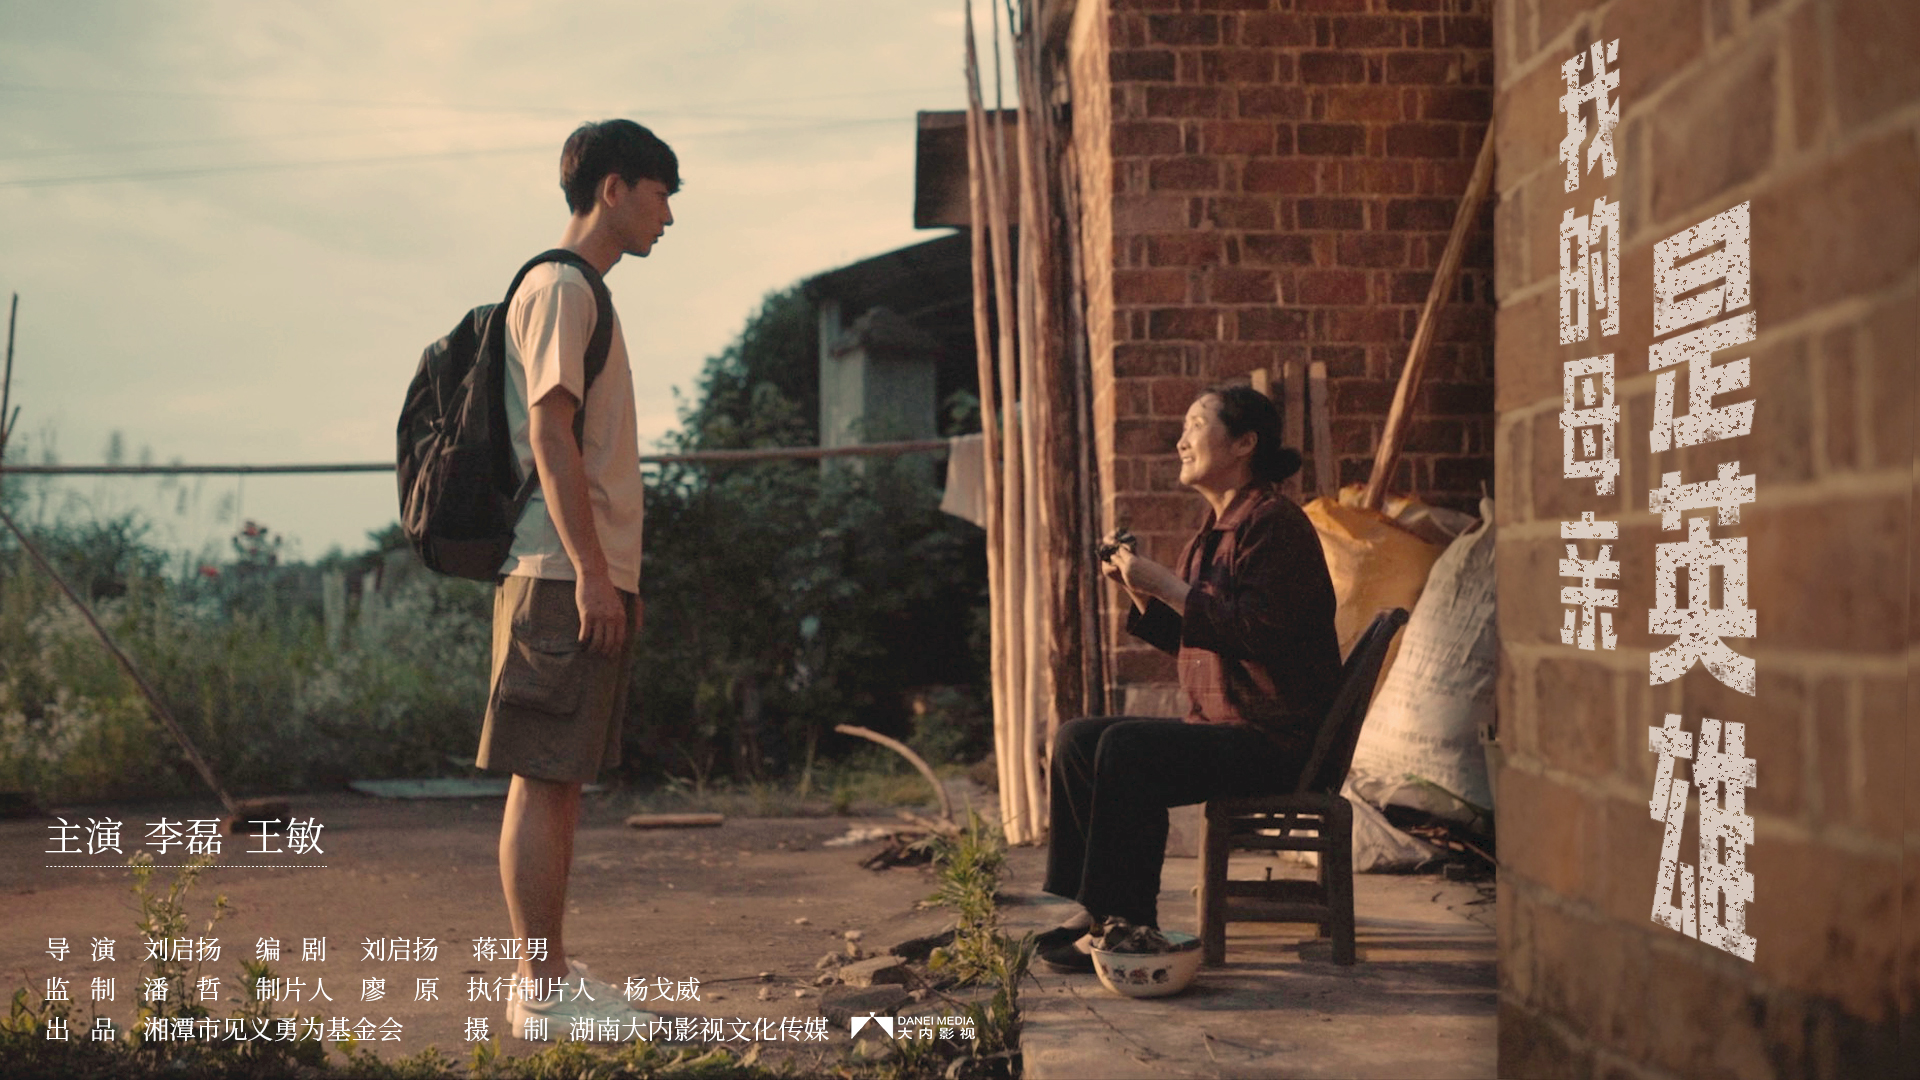 微电影《我的母亲是英雄》: 诠释平凡中的不平凡